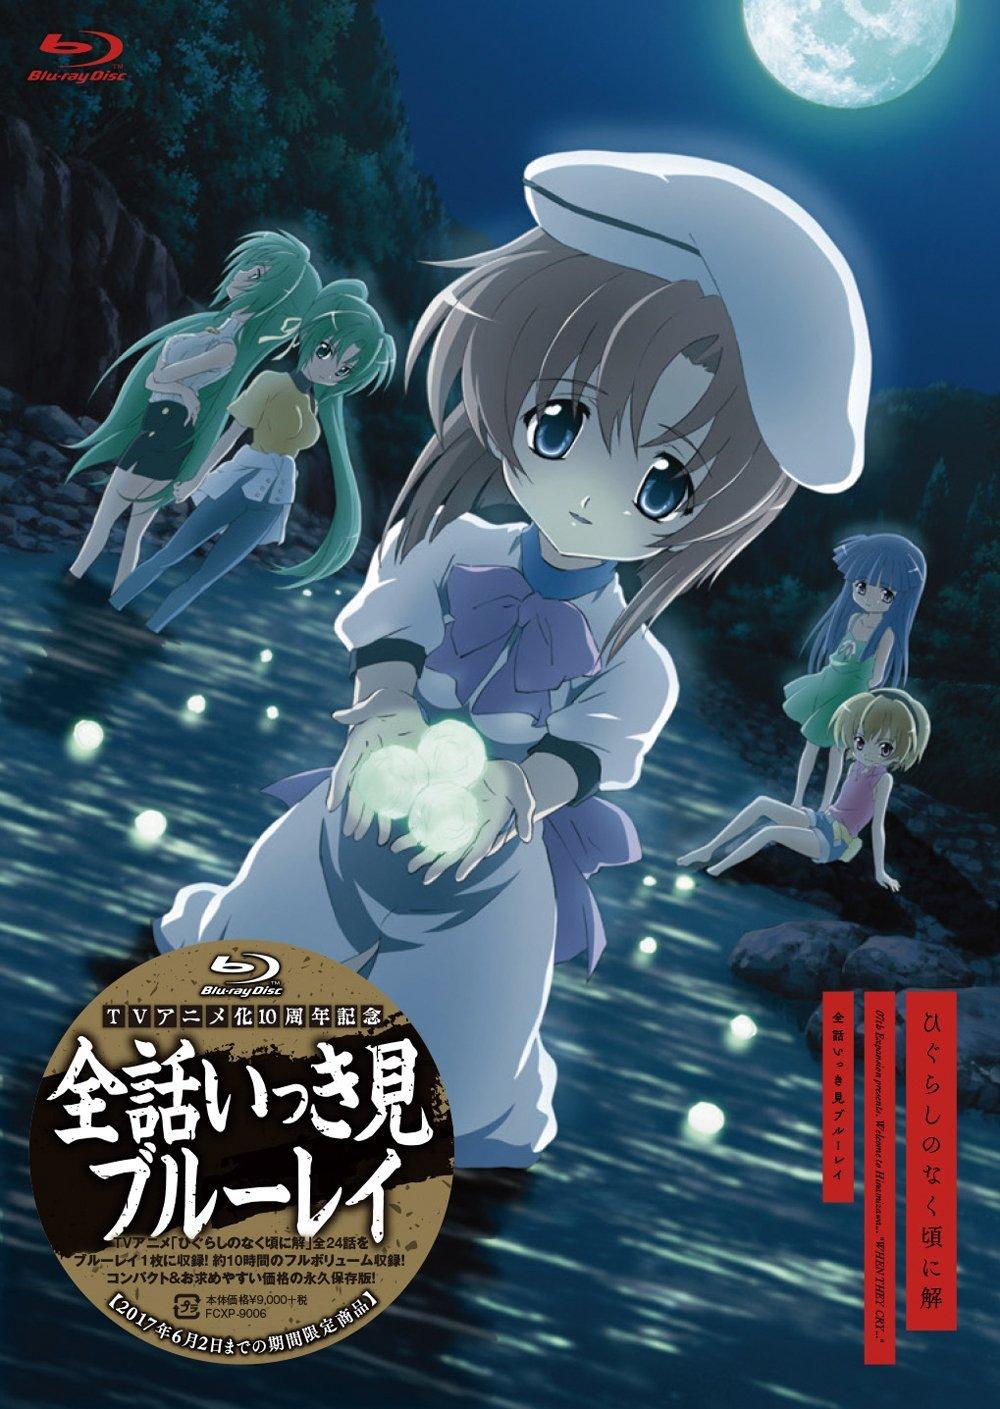 竜騎士07さん「ひぐらし」「うみねこ」に続く「なく頃に」シリーズ制作が決定